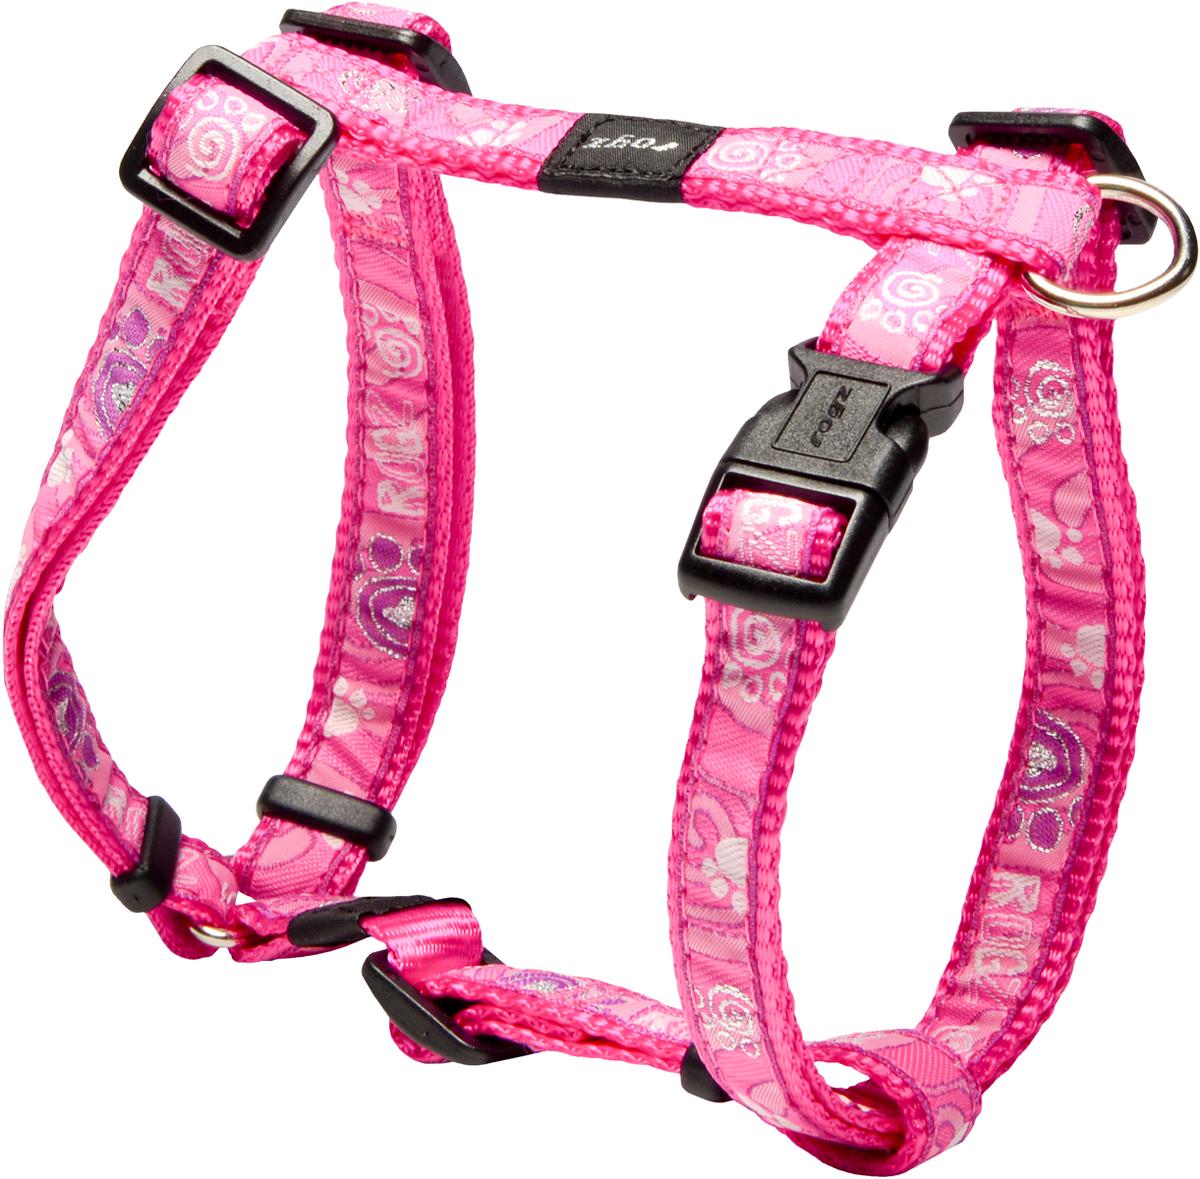 Шлейка для собак Rogz Fancy Dress, цвет: розовый, ширина 1,6 см12171996Шлейка для собак Rogz Fancy Dress имеет необычный дизайн. Широкая гамма потрясающе красивых орнаментов на прочной тесьме поверх нейлоновой ленты украсит вашего питомца.Застегивается, не доставляя неудобство собаке.Специальная конструкция пряжки Rog Loc - очень крепкая(система Fort Knox). Замок может быть расстегнут только рукой человека.С помощью системы ремней изделие подгоняется под животного индивидуально.Необыкновенно крепкая и прочная шлейка.Выполненные по заказу литые кольца выдерживают значительные физические нагрузки и имеют хромирование, нанесенное гальваническим способом, что позволяет избежать коррозии и потускнения изделия.Легко можно прикрепить к ошейнику и поводку.